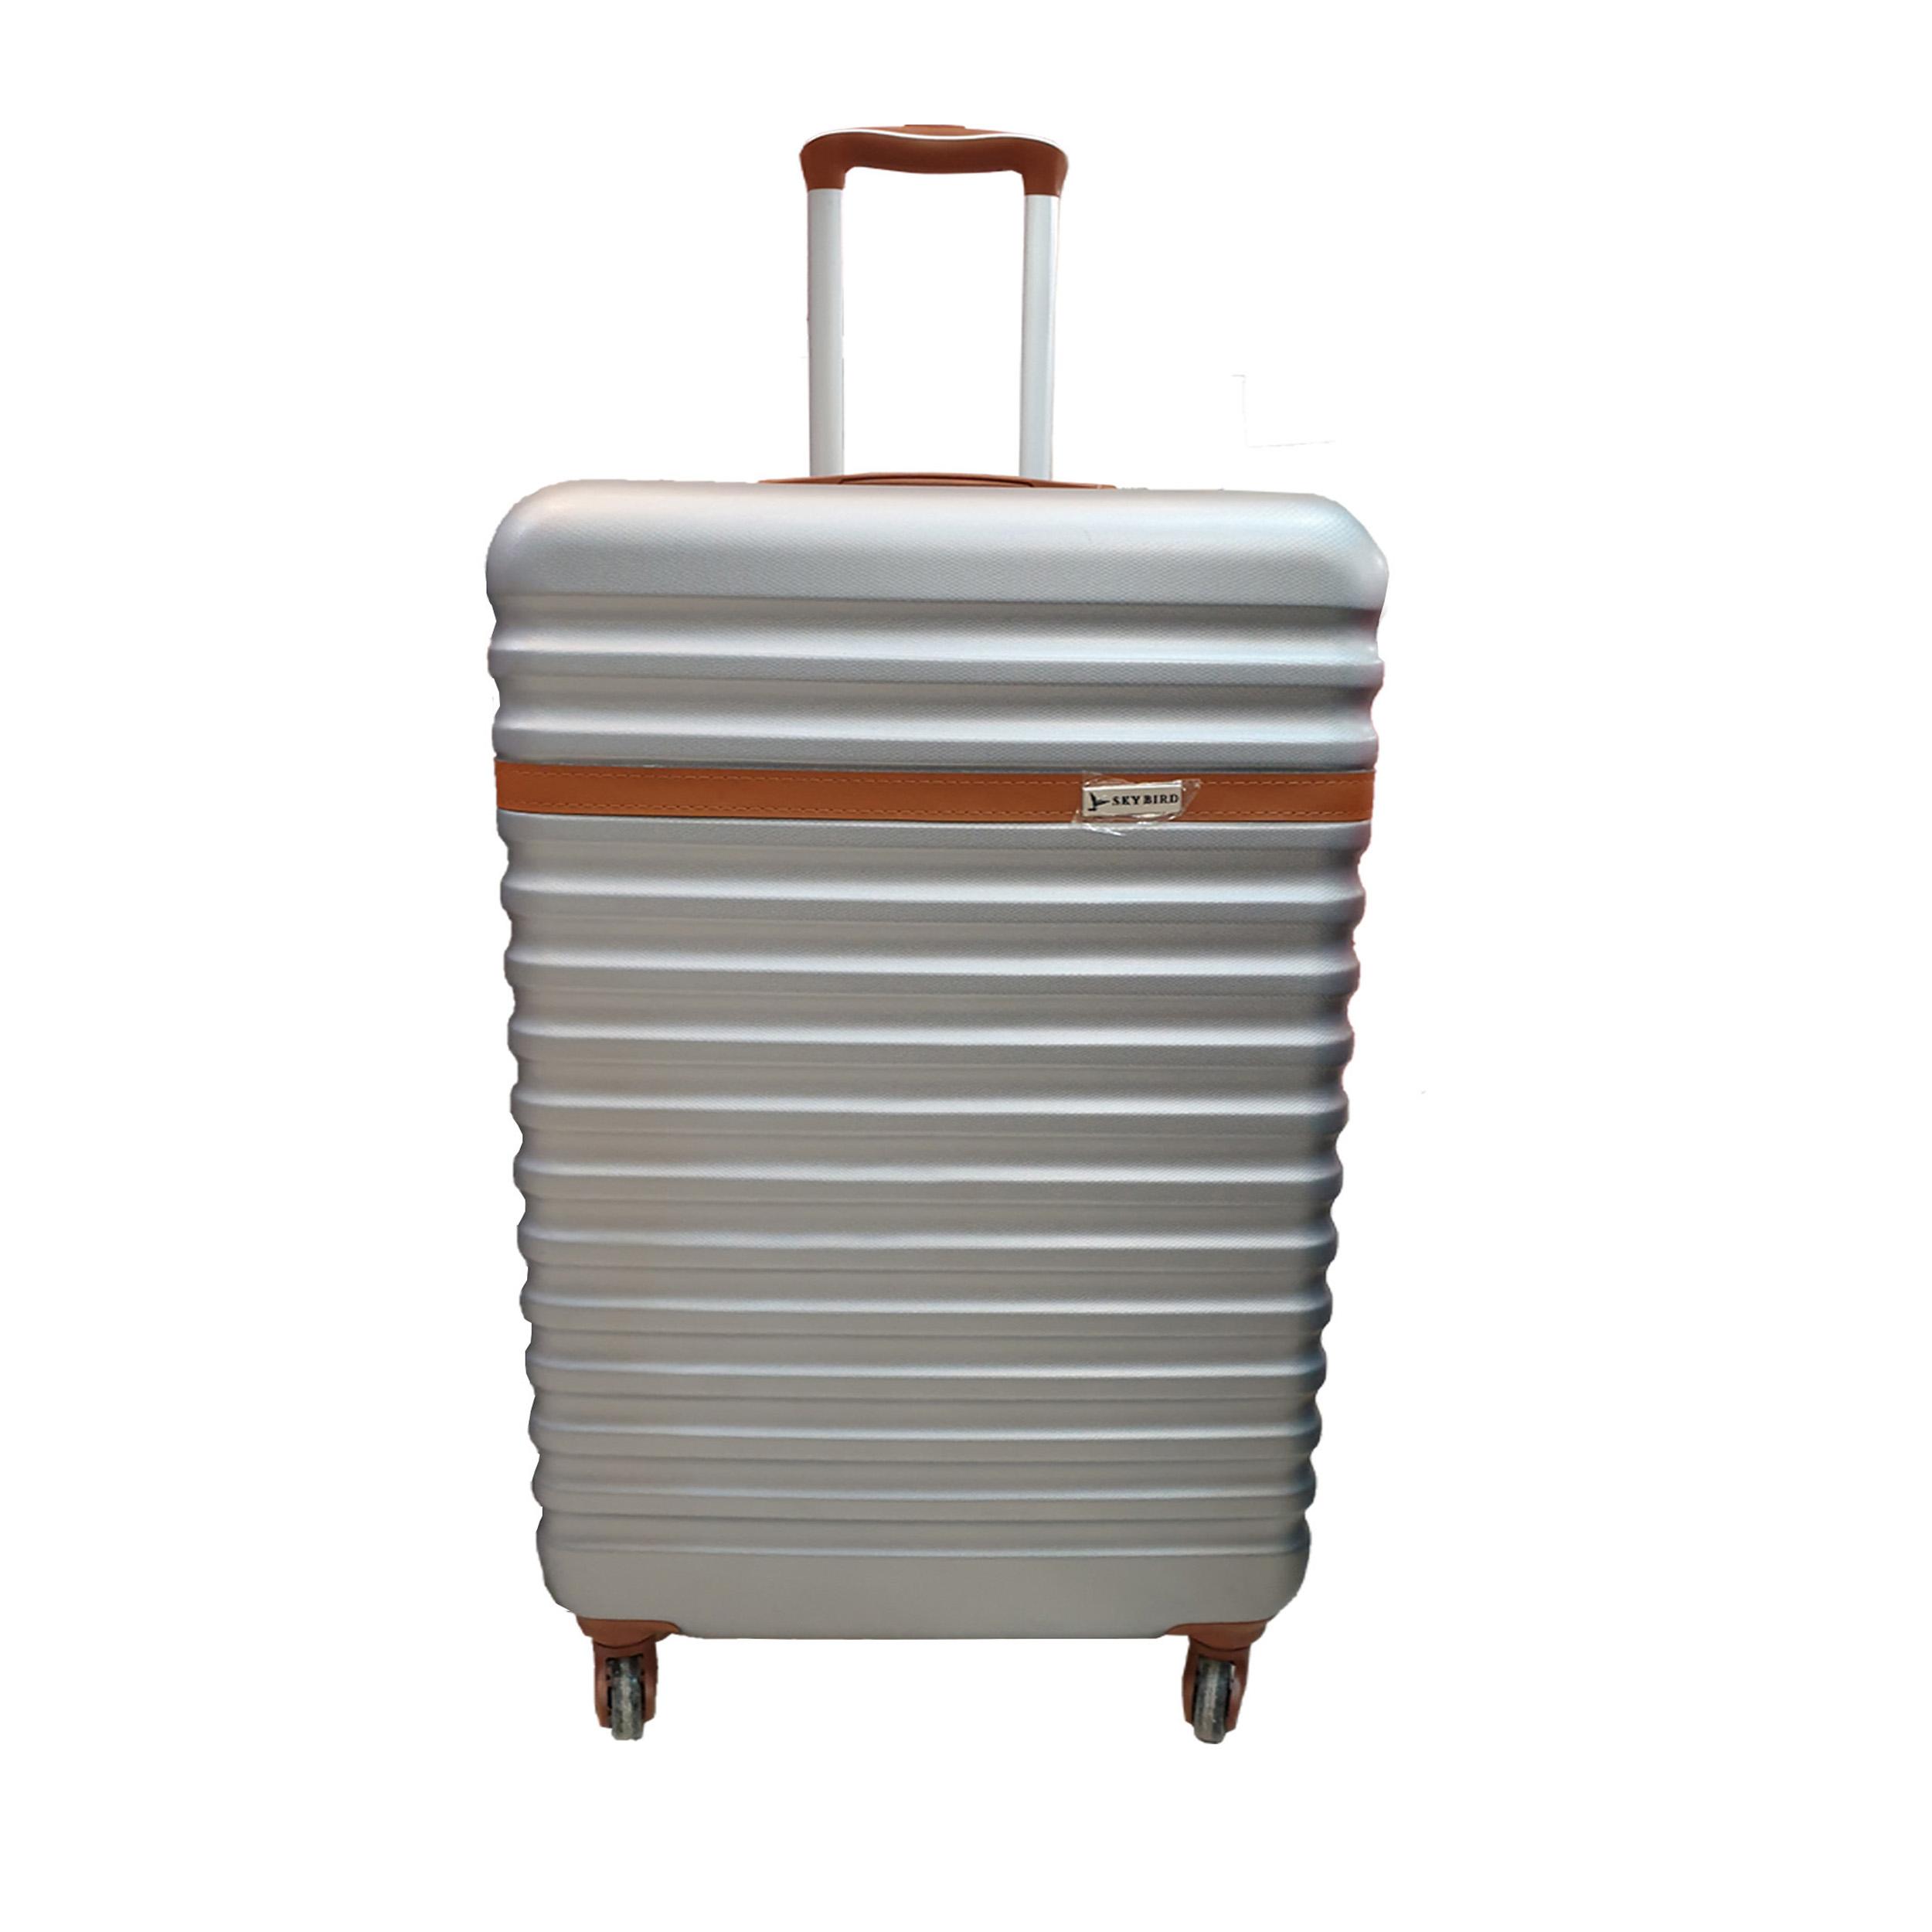 چمدان اسکای برد کد B008 سایز متوسط